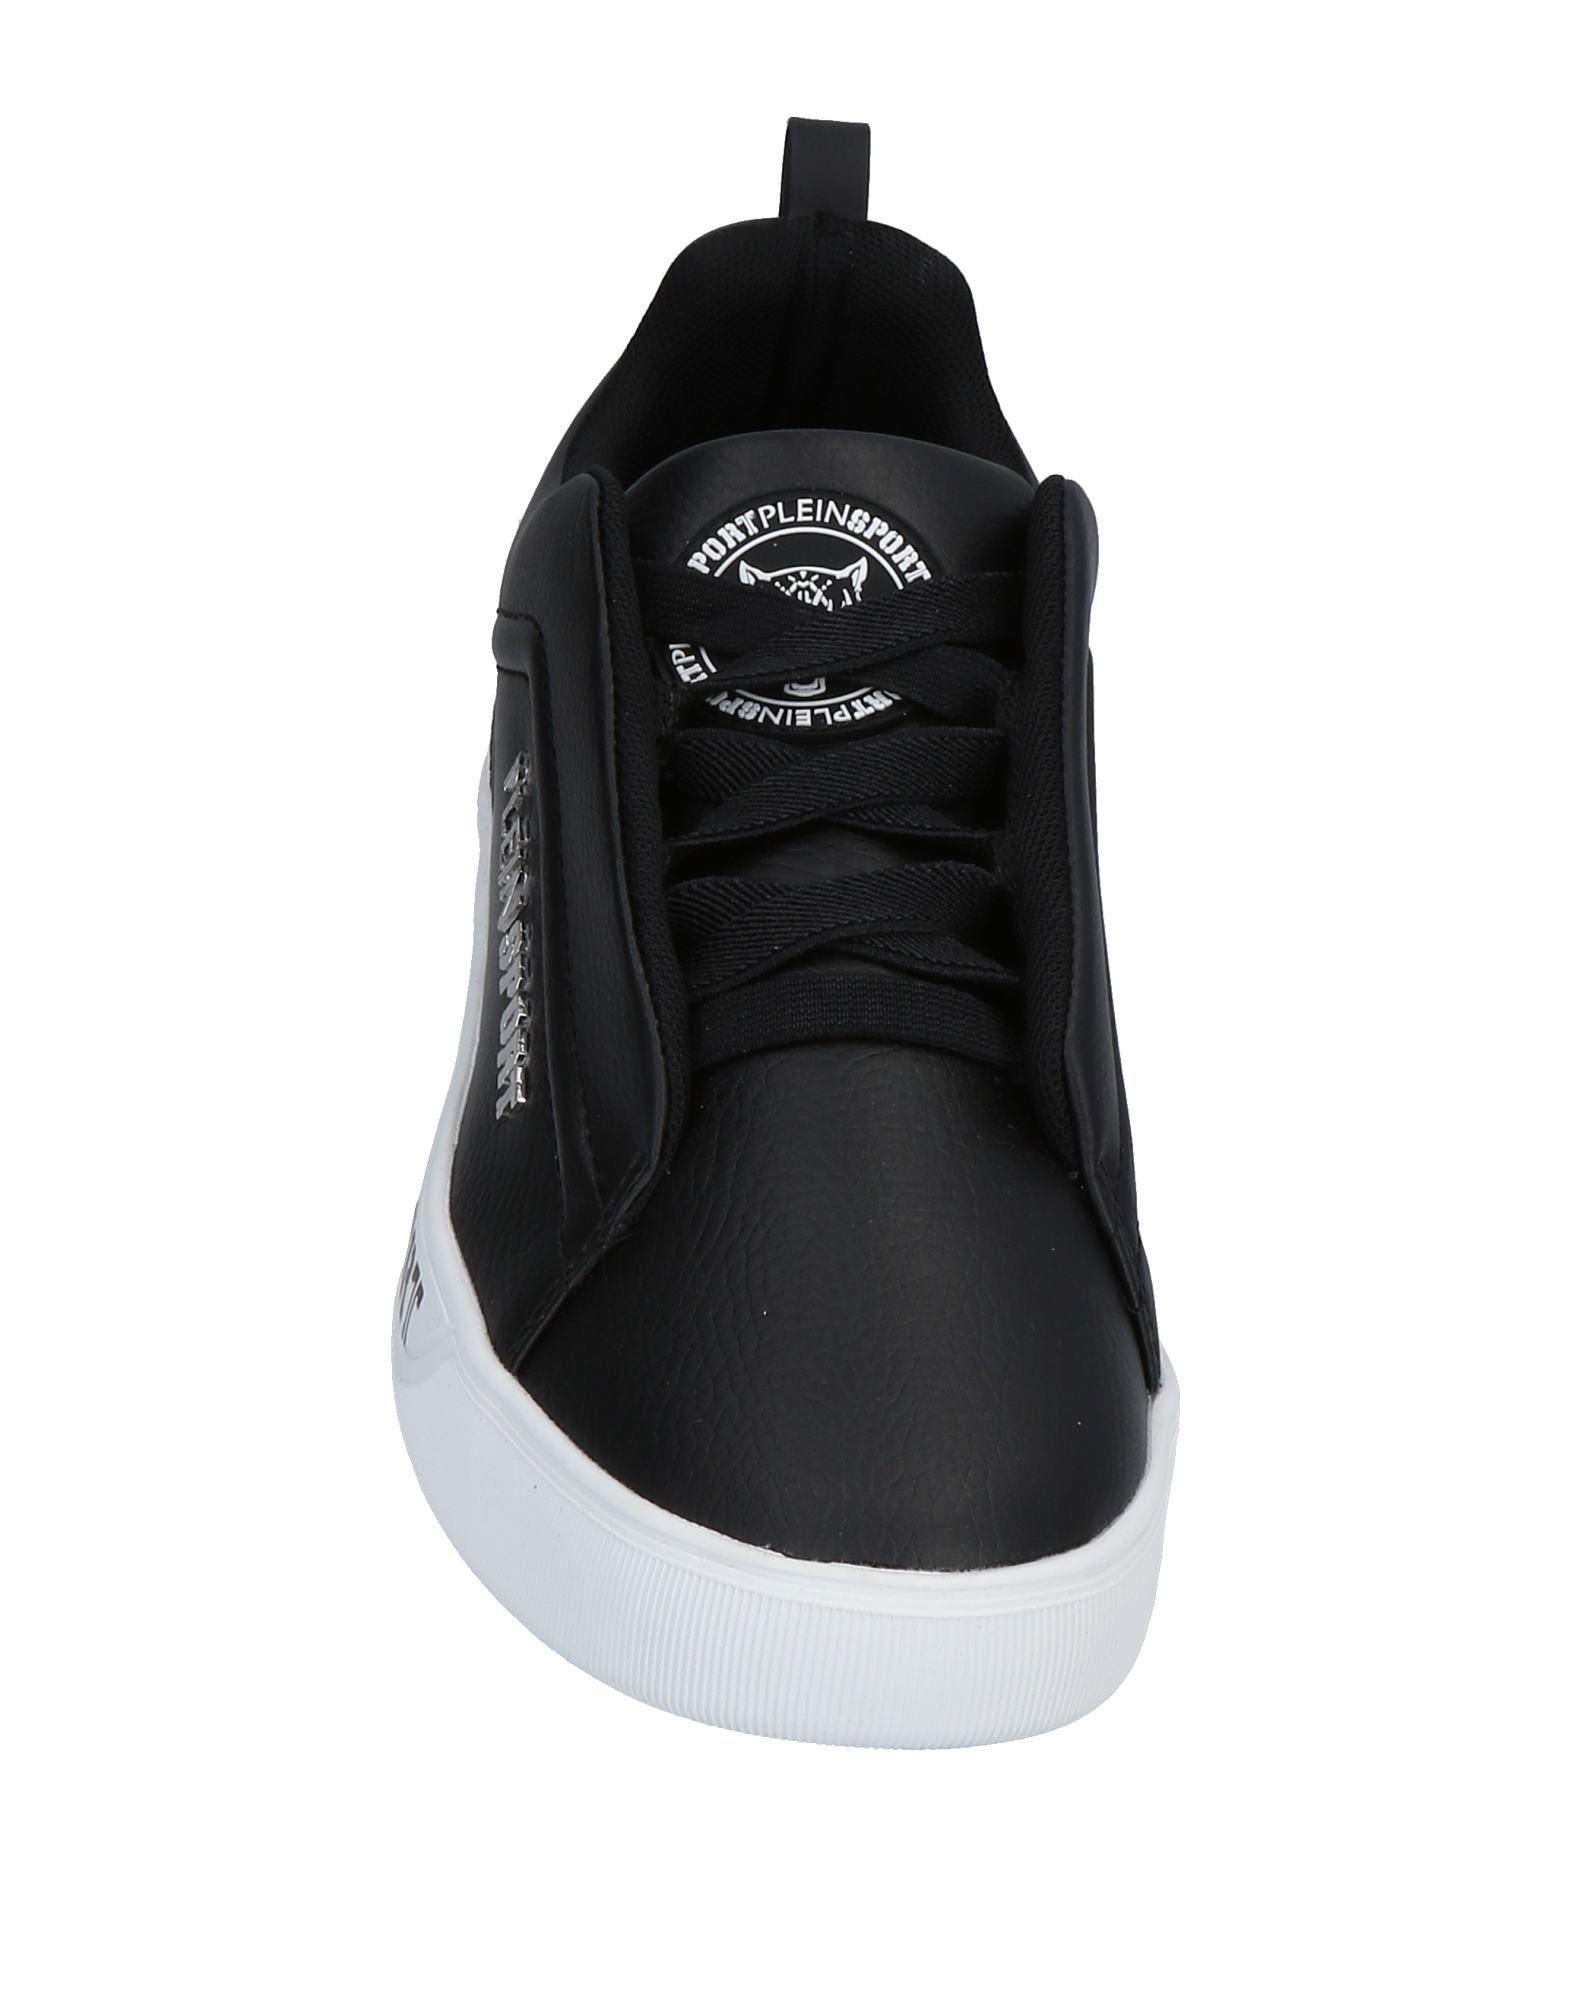 Sneakers - Plein Sport Uomo - Sneakers 11475729RR a03308